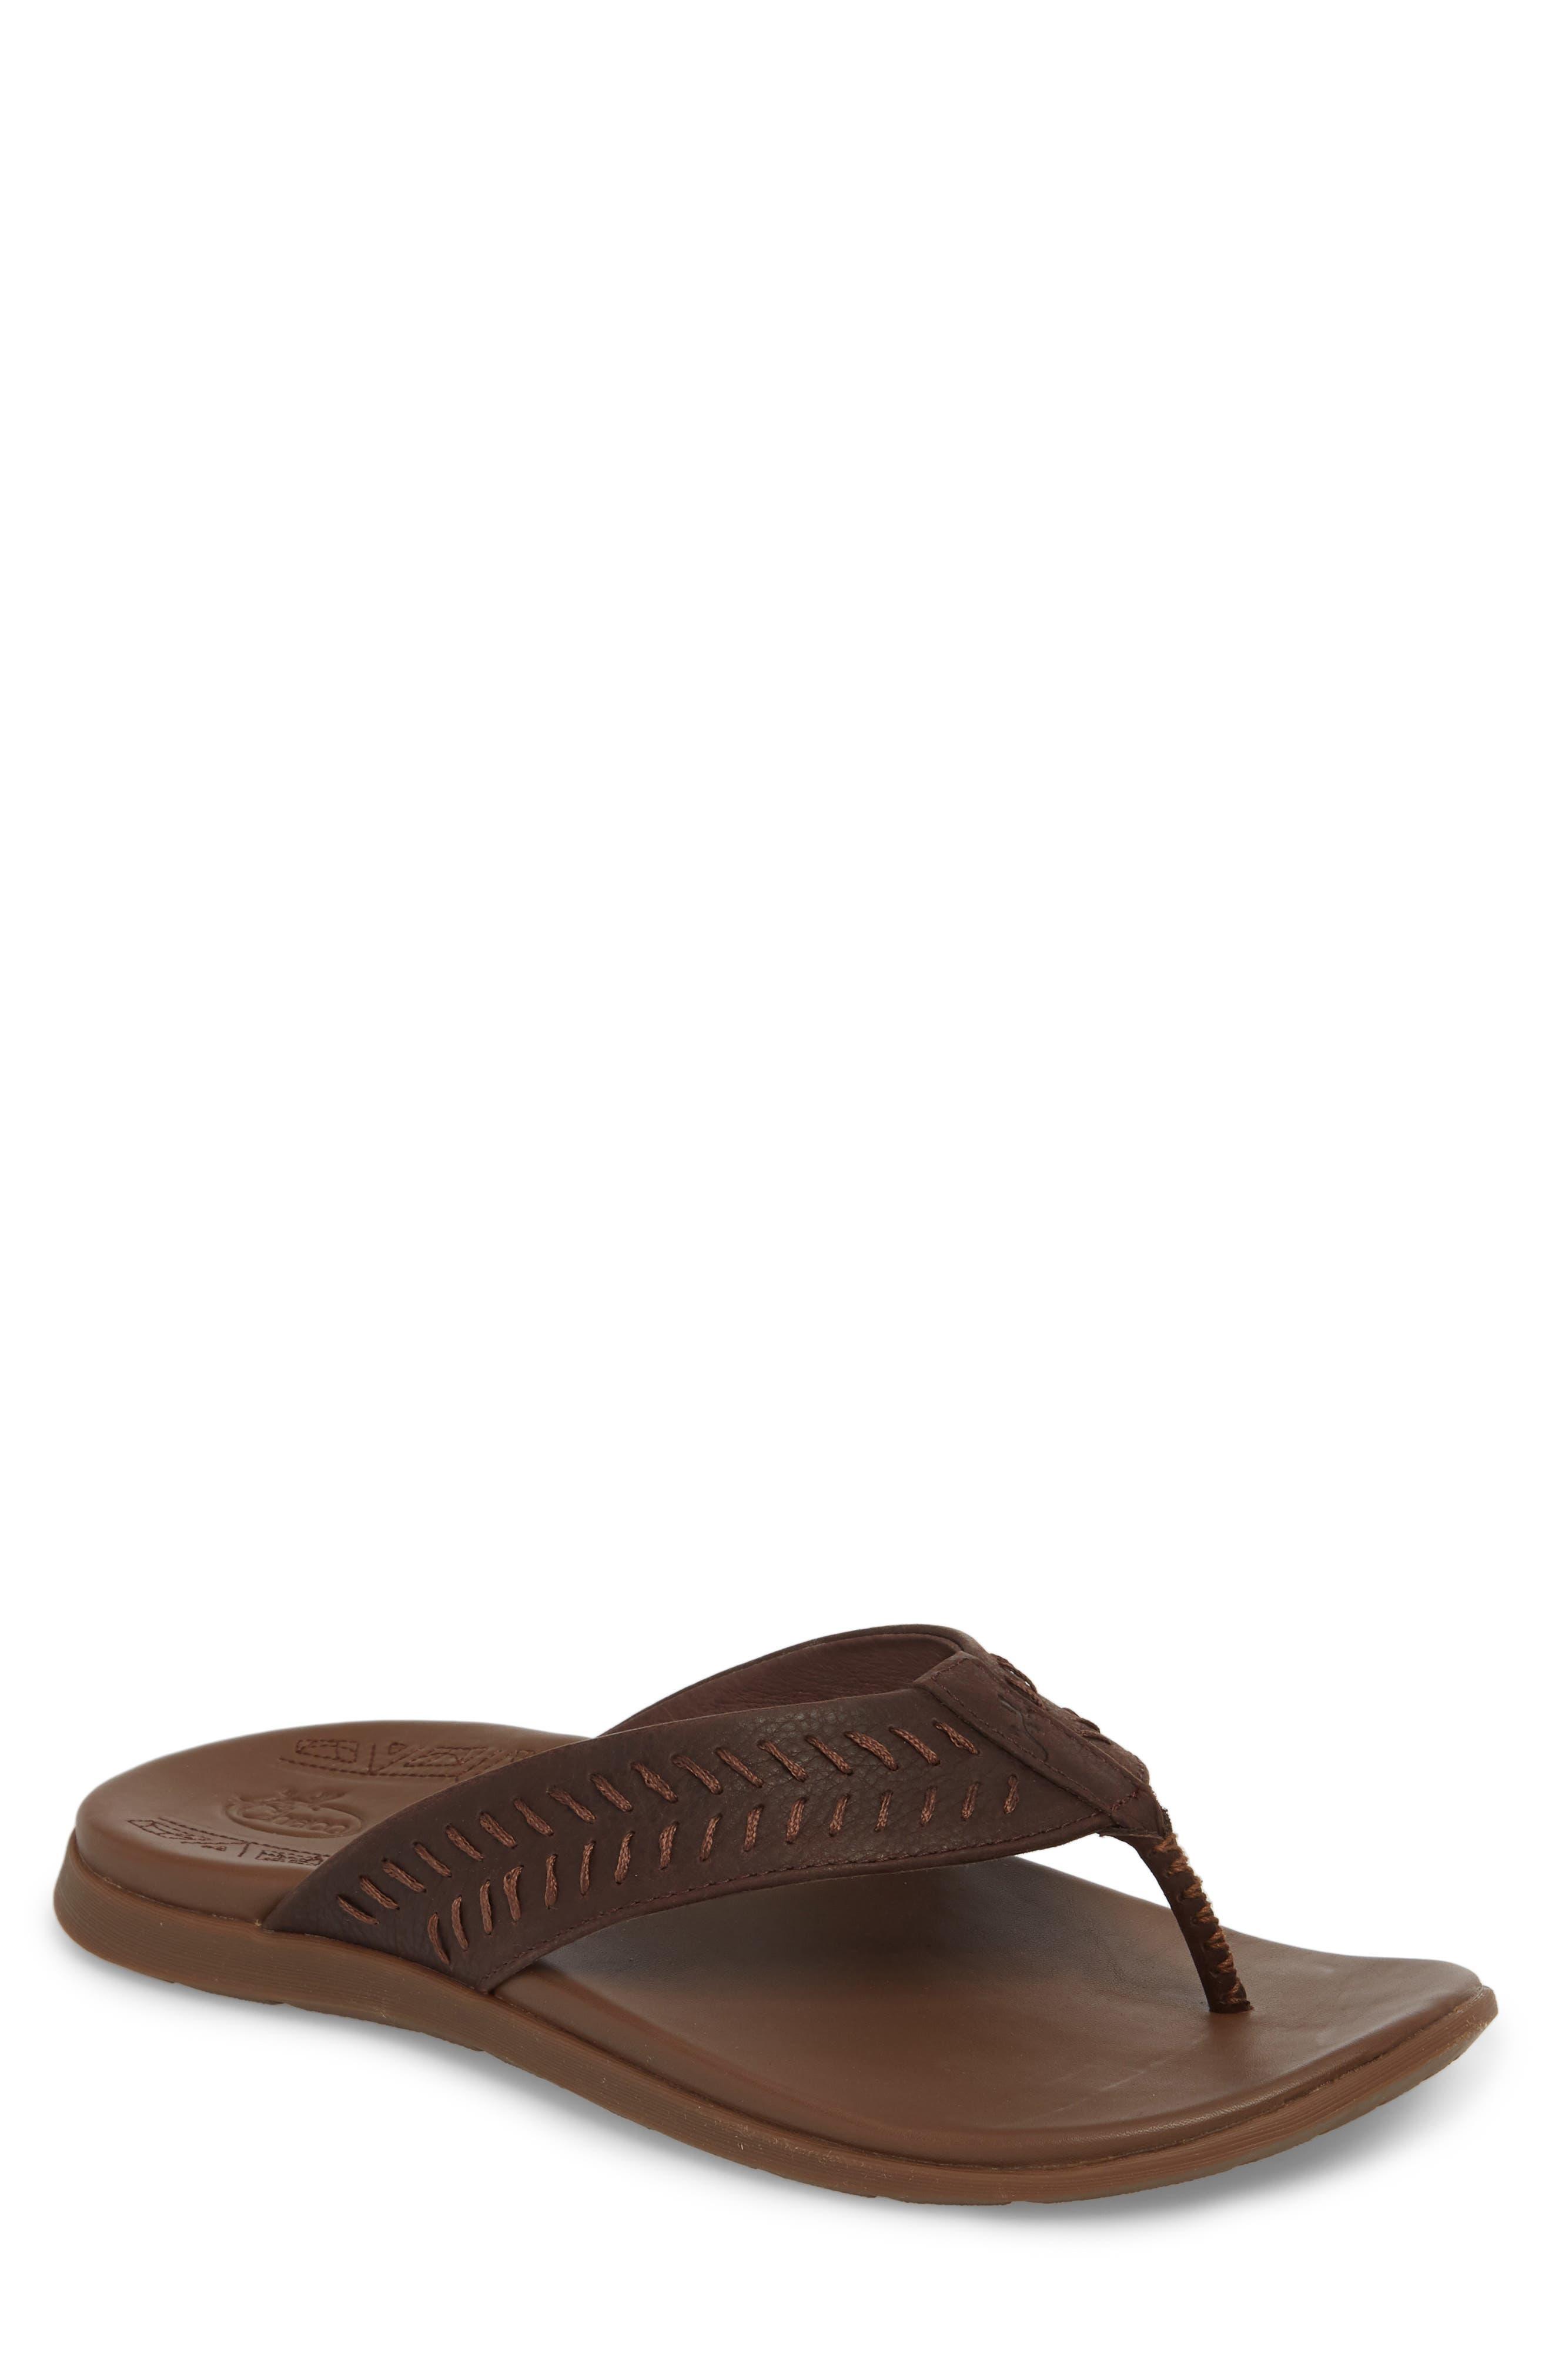 Jackson Flip Flop,                         Main,                         color, Java Leather